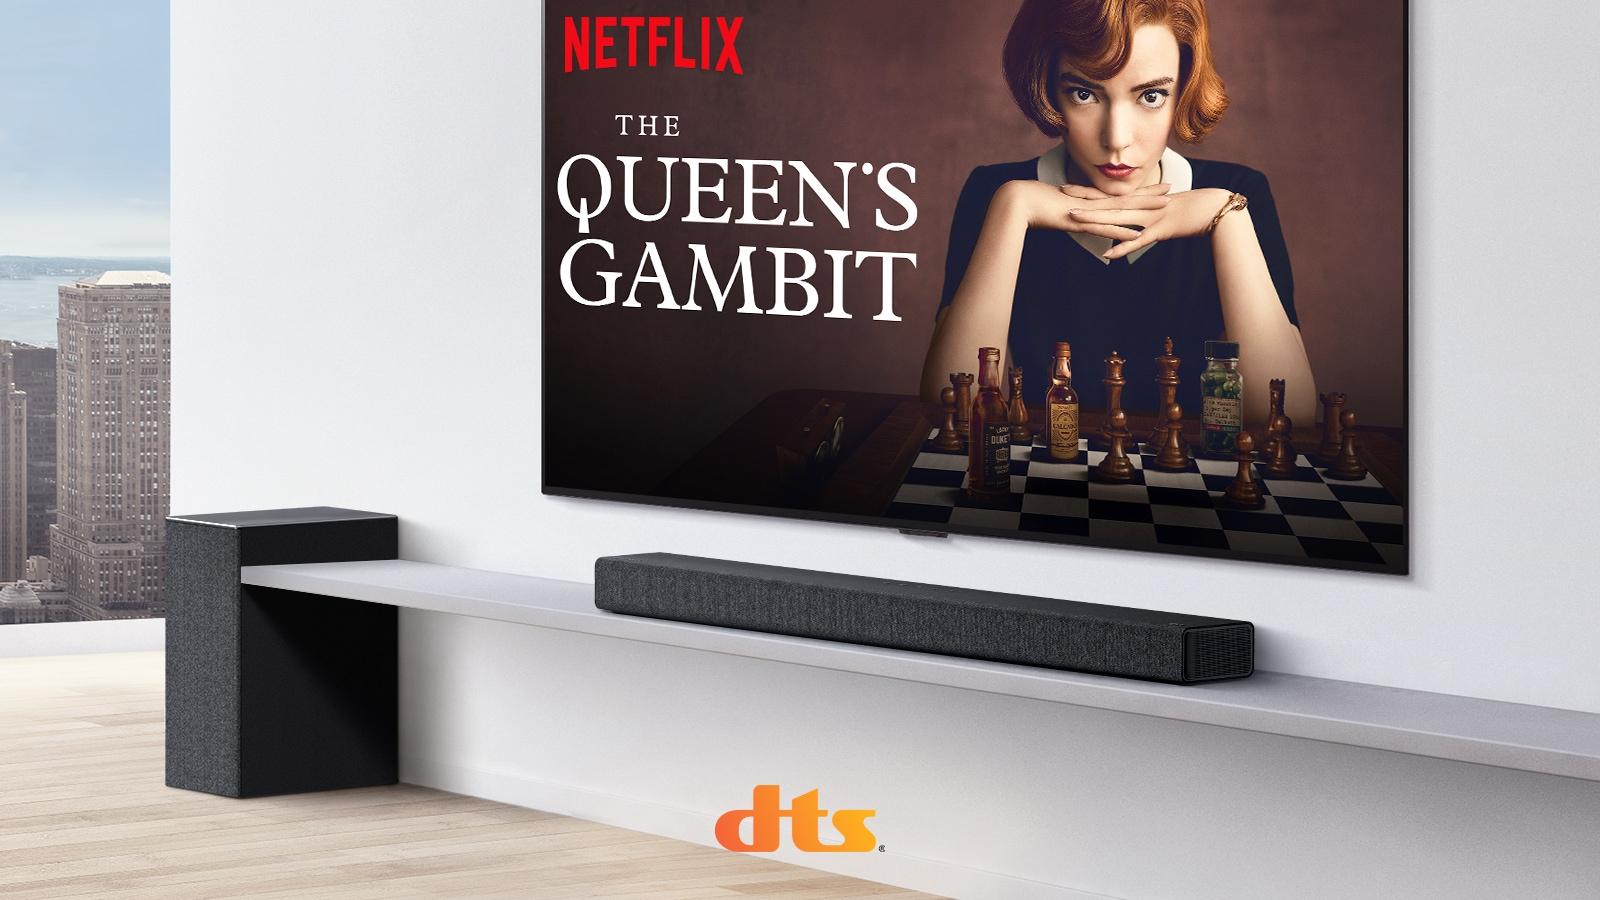 TV treo trên tường. Áp phích của chương trình truyền hình trên màn hình TV. LG Soundbar nằm ngay bên dưới TV trên kệ màu trắng với loa siêu trầm ngay bên cạnh. Logo Dolby Atmos và DTS:X được hiển thị ở chính giữa bên dưới của hình ảnh.